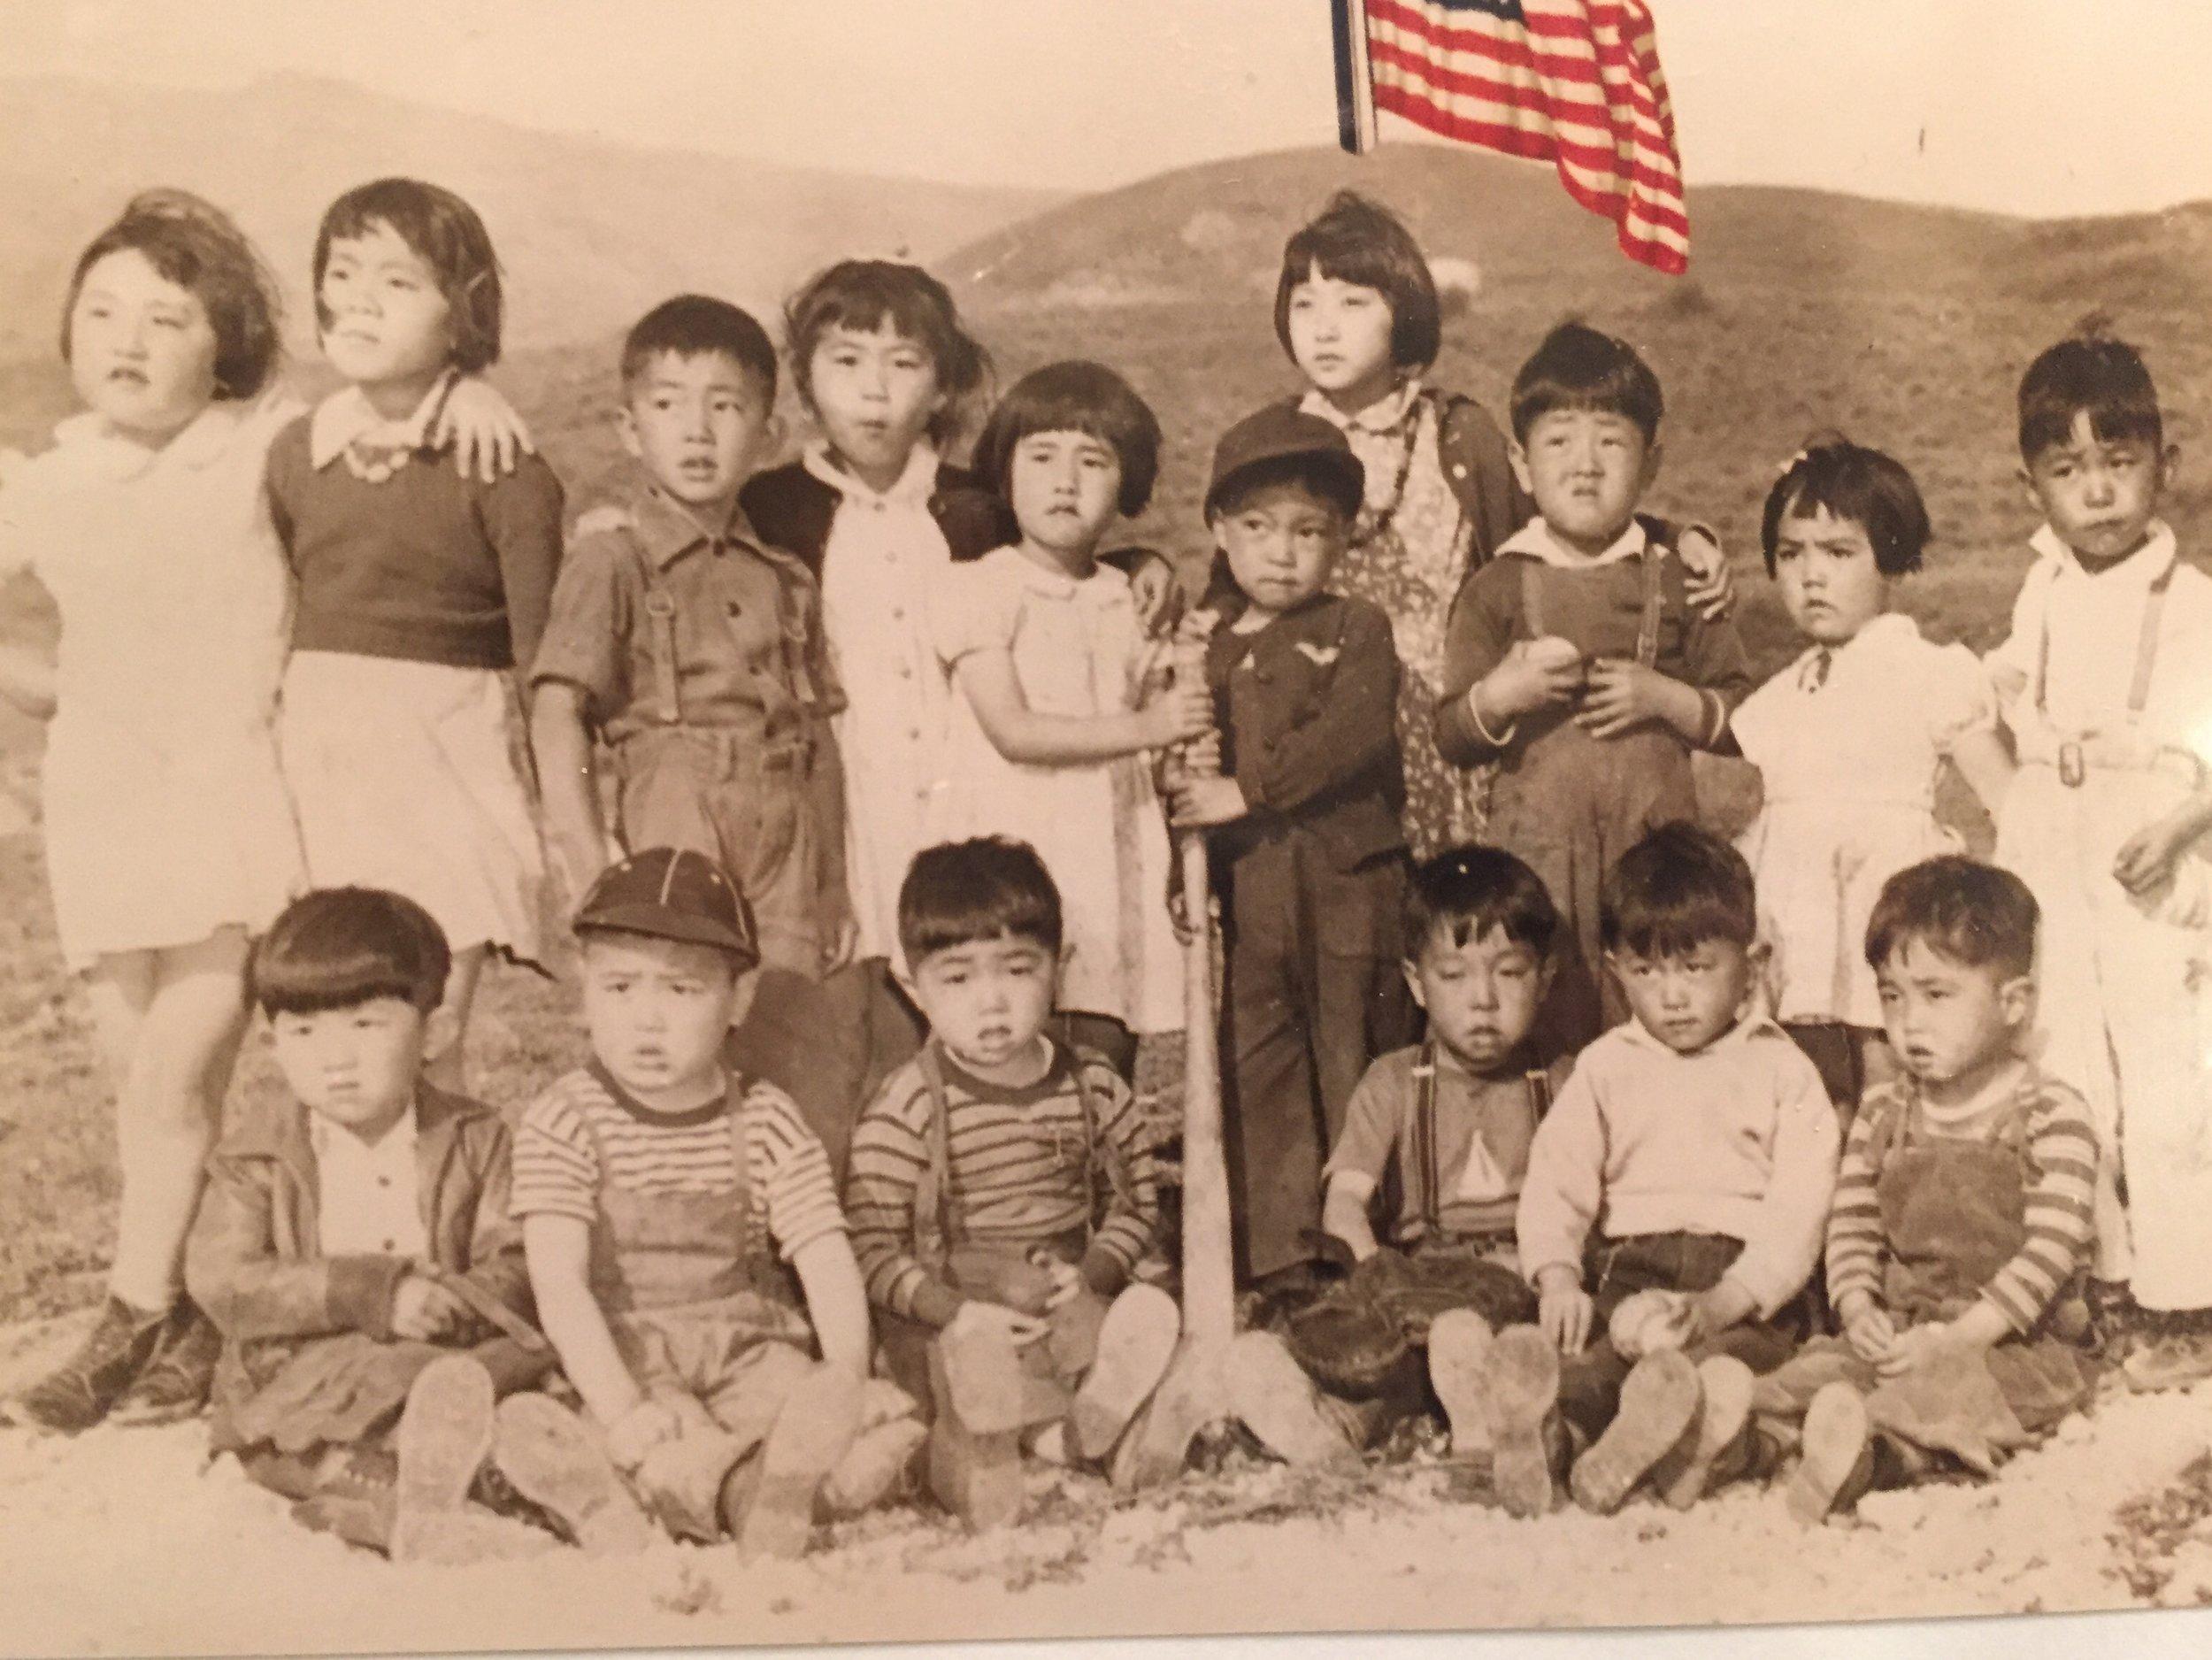 The children of Keetley, Utah.